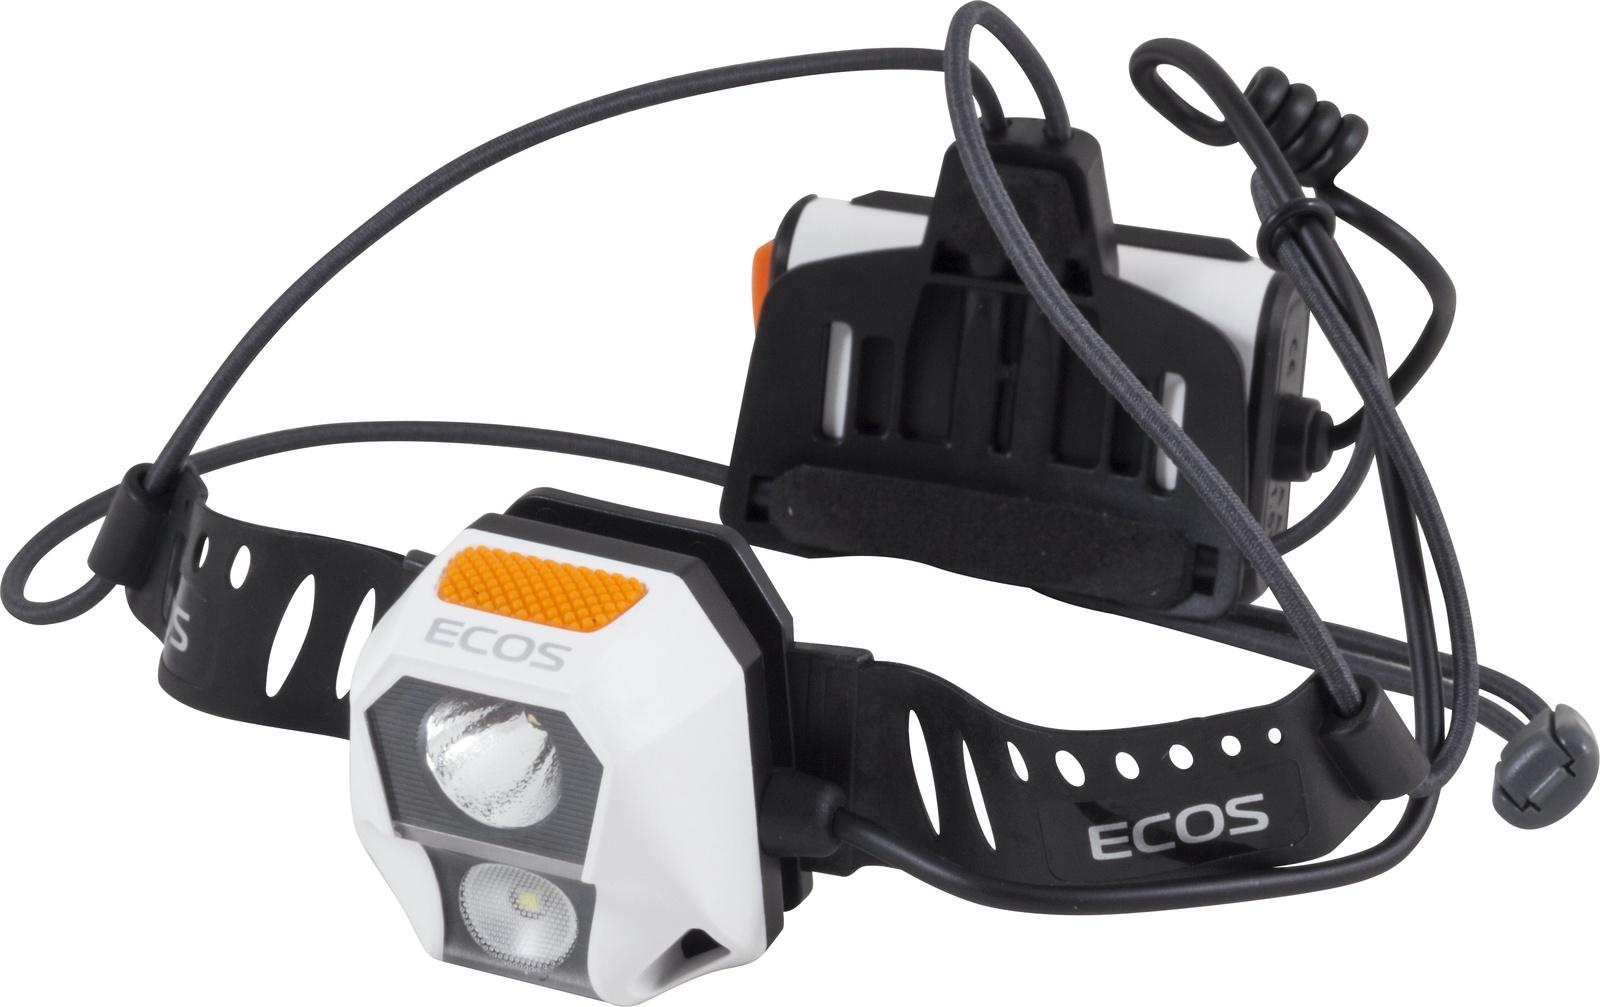 Налобный фонарь Ecos FLHB6008, белый, черный налобный фонарь ecos flhb6008 белый черный